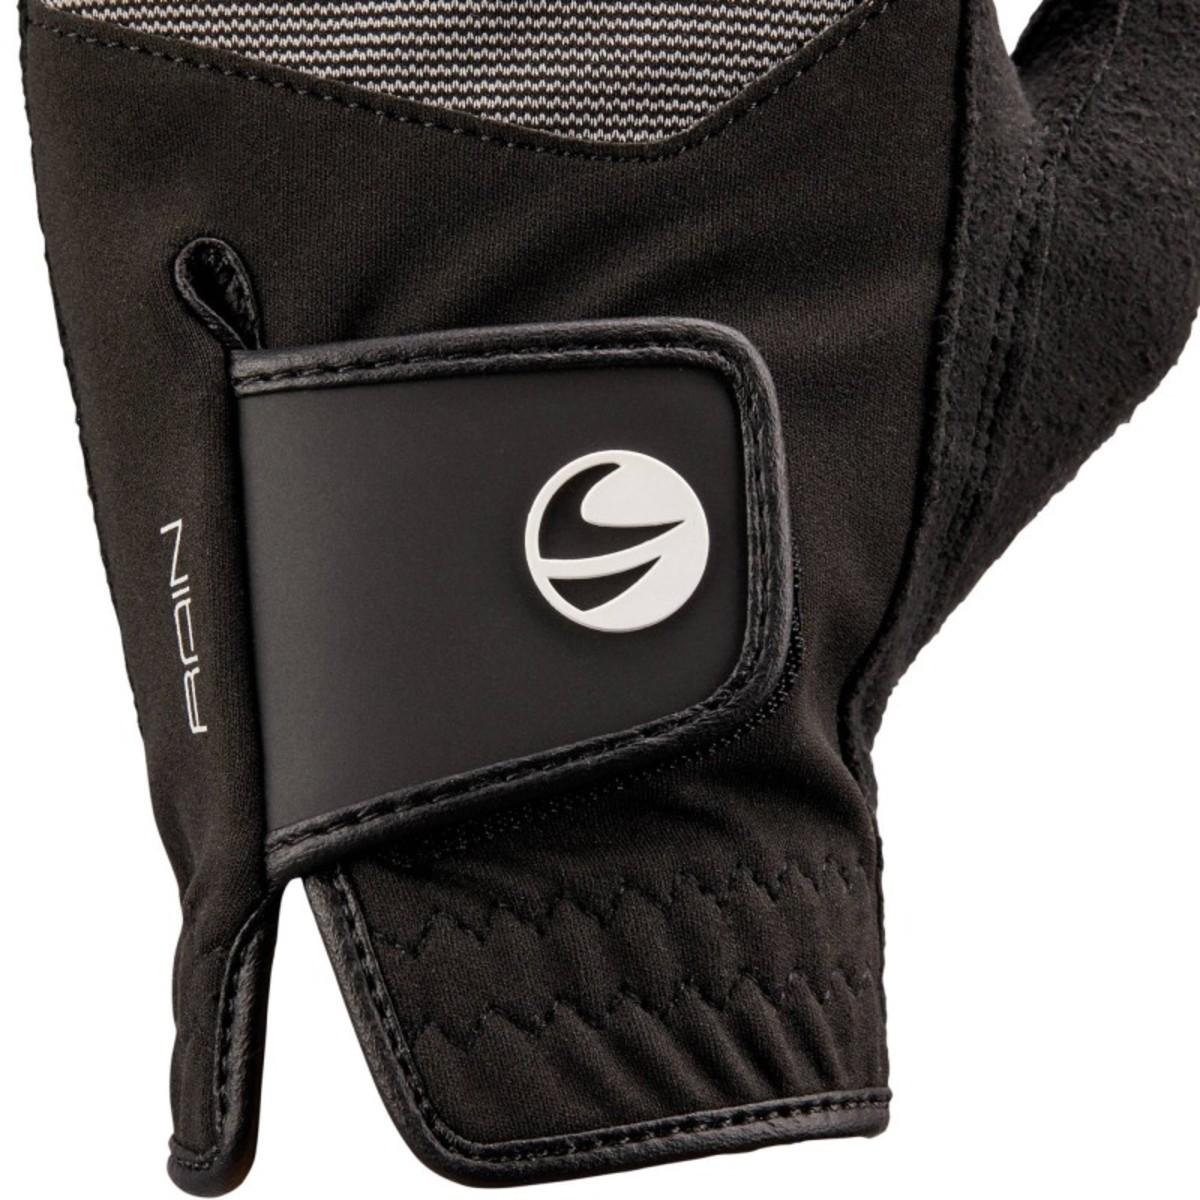 Bild 4 von INESIS Golfhandschuh Regen Rechtshand (für die linke Hand) Herren weiß, Größe: S